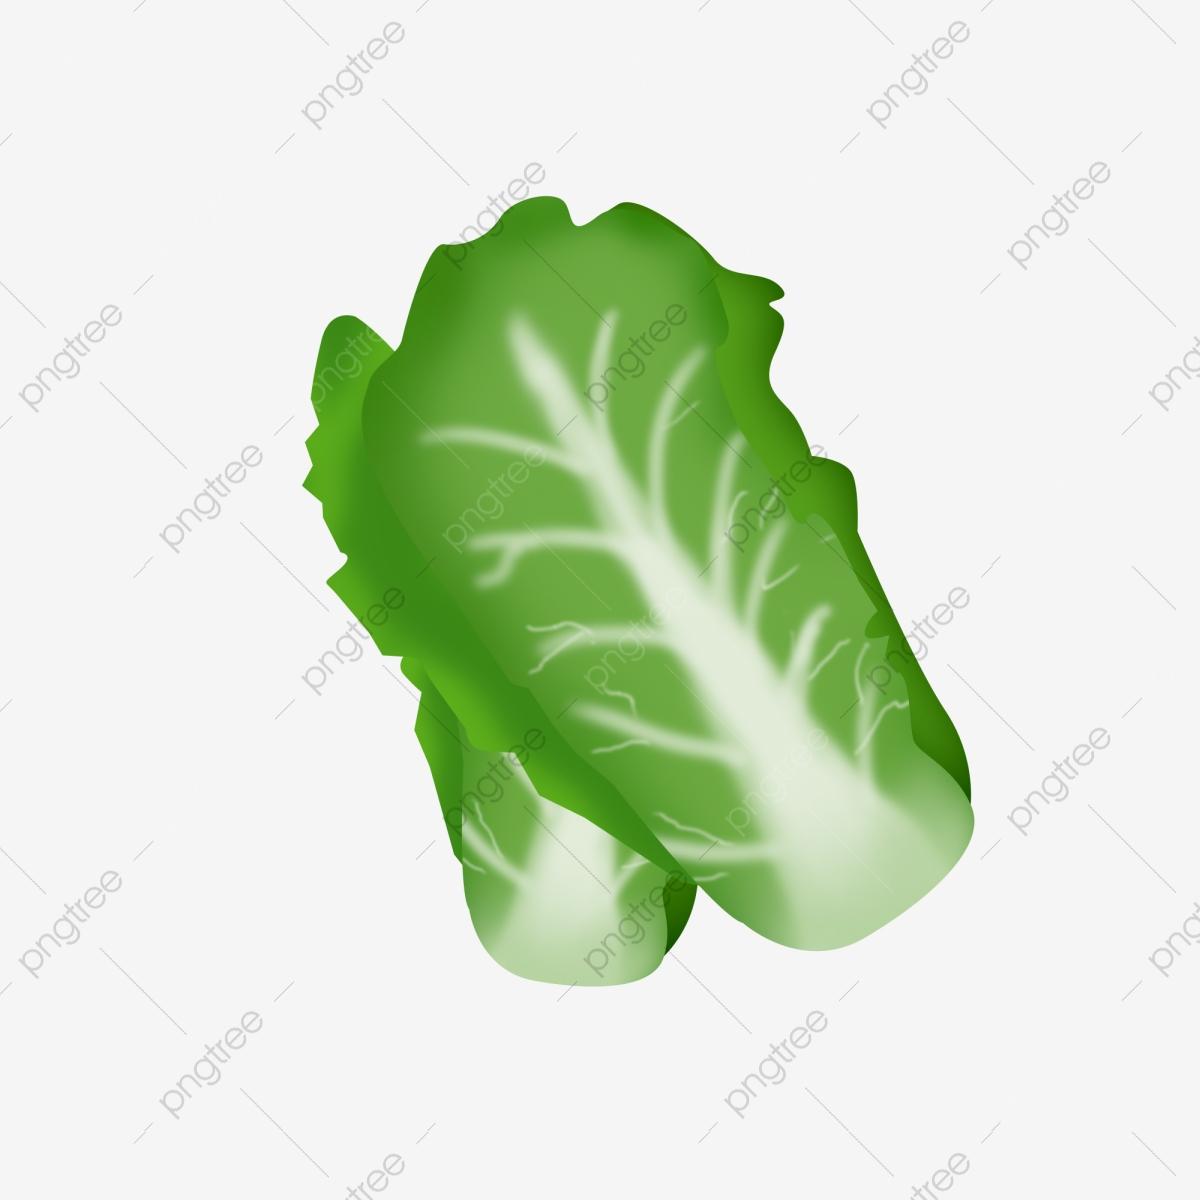 Lettuce Leaves Vegetables, Vegetables Clipart, Lettuce Leaves.